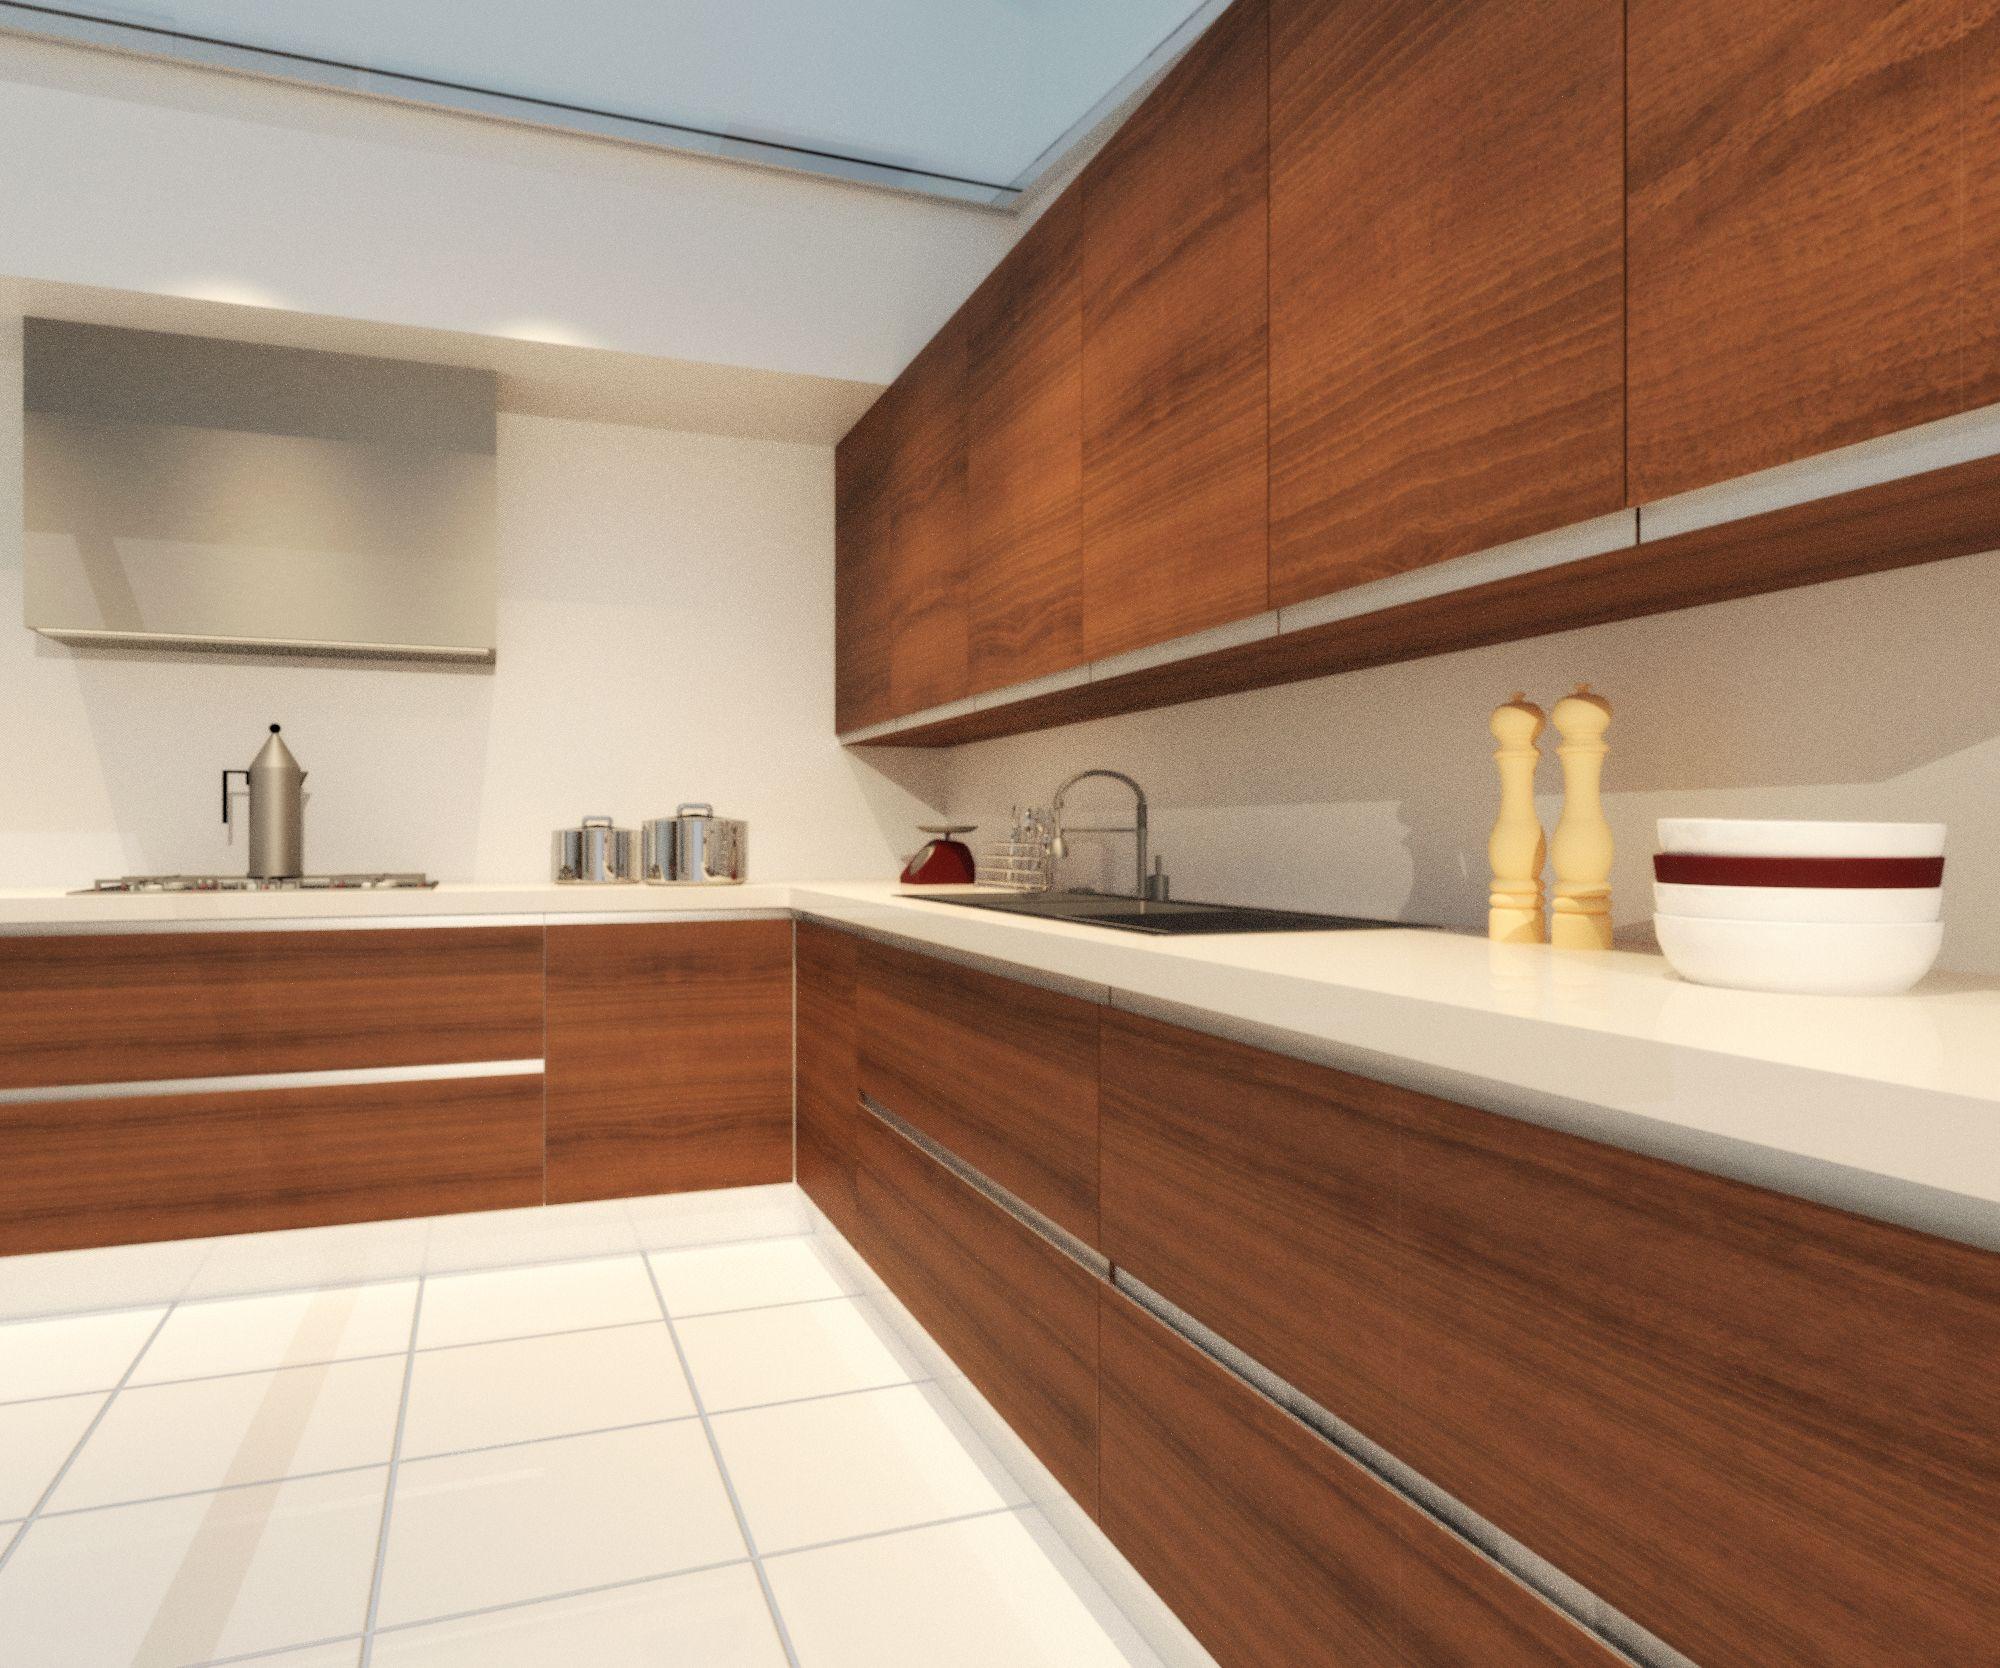 Cocina con puertas de madera de dise o liso modelo onda for Puertas de diseno